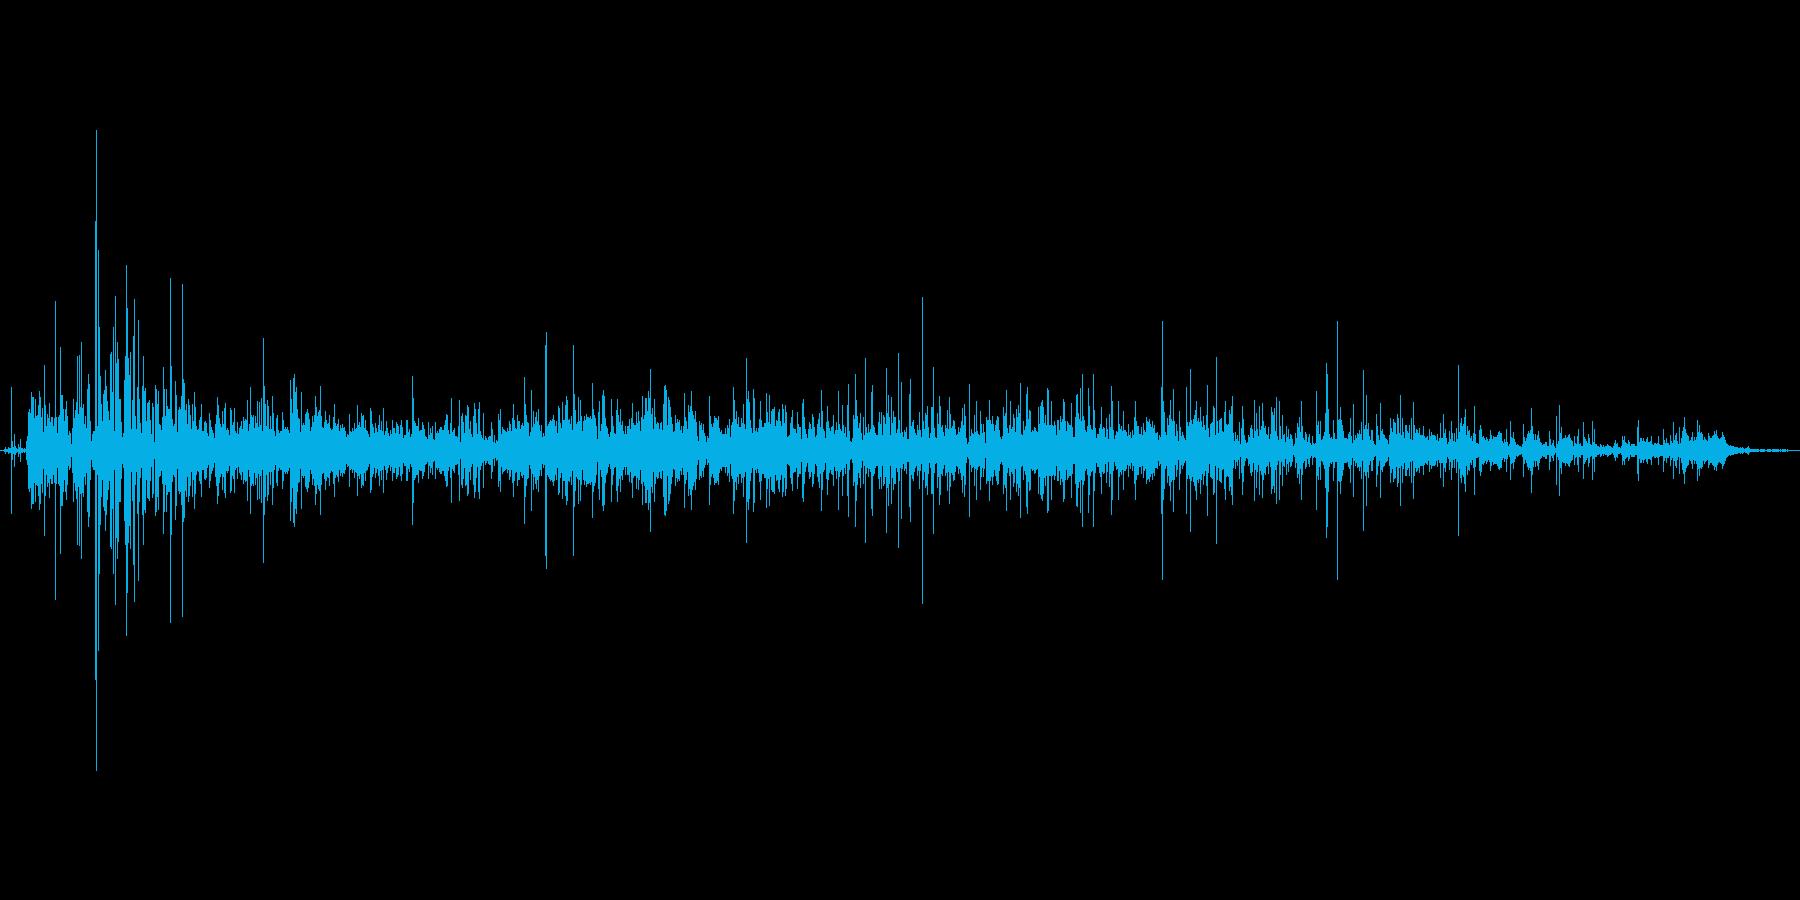 紙を破る音。ビリビリの再生済みの波形